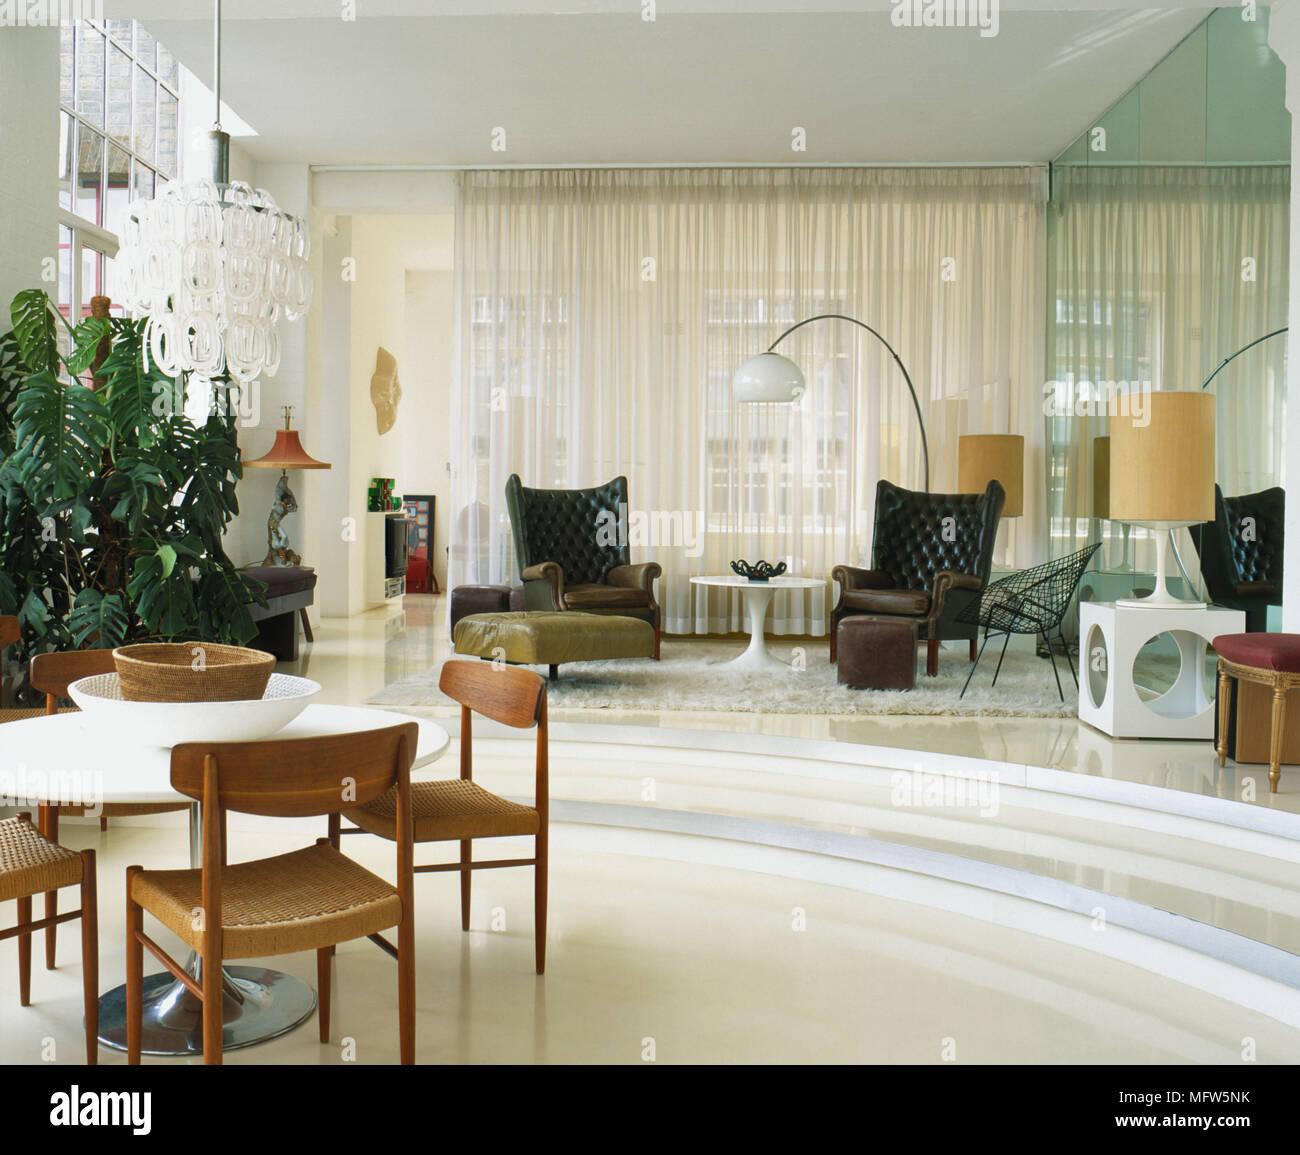 Eine Moderne Offene Wohnzimmer Mit Essbereich Runden Tisch Und Stühle Aus  Holz Retro Stil Seite Tischleuchte Gardinen Pendelleuchte Sessel